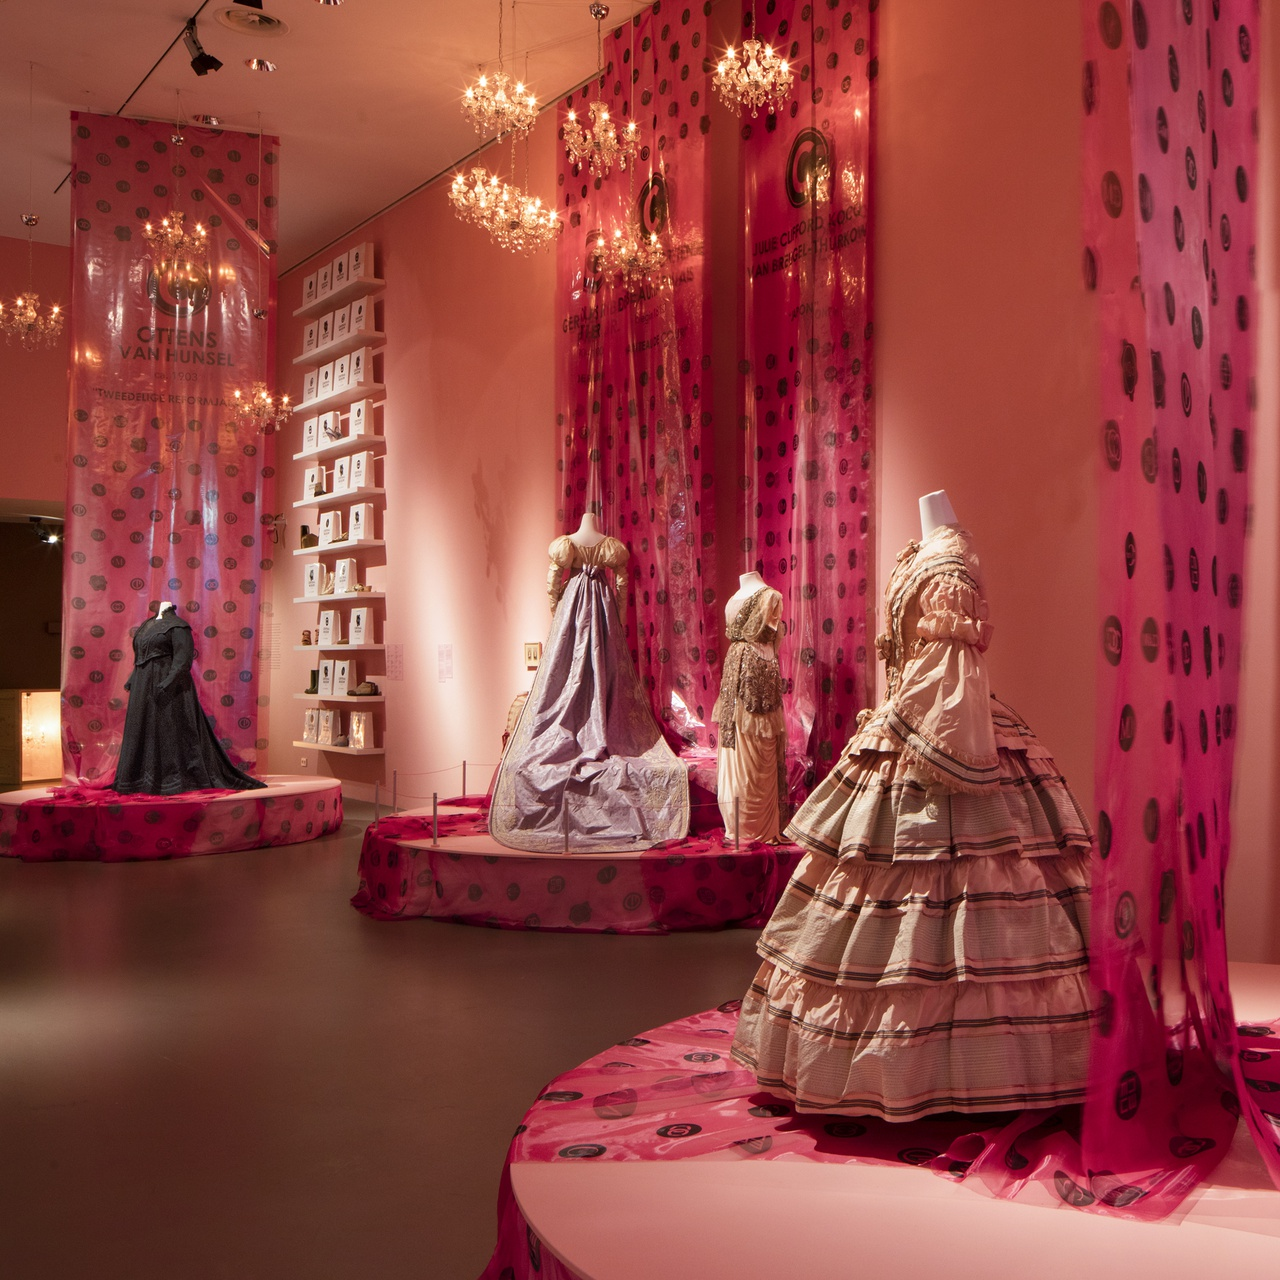 1/1 - Zaaloverzicht tentoonstelling Uit de Mode, 2017